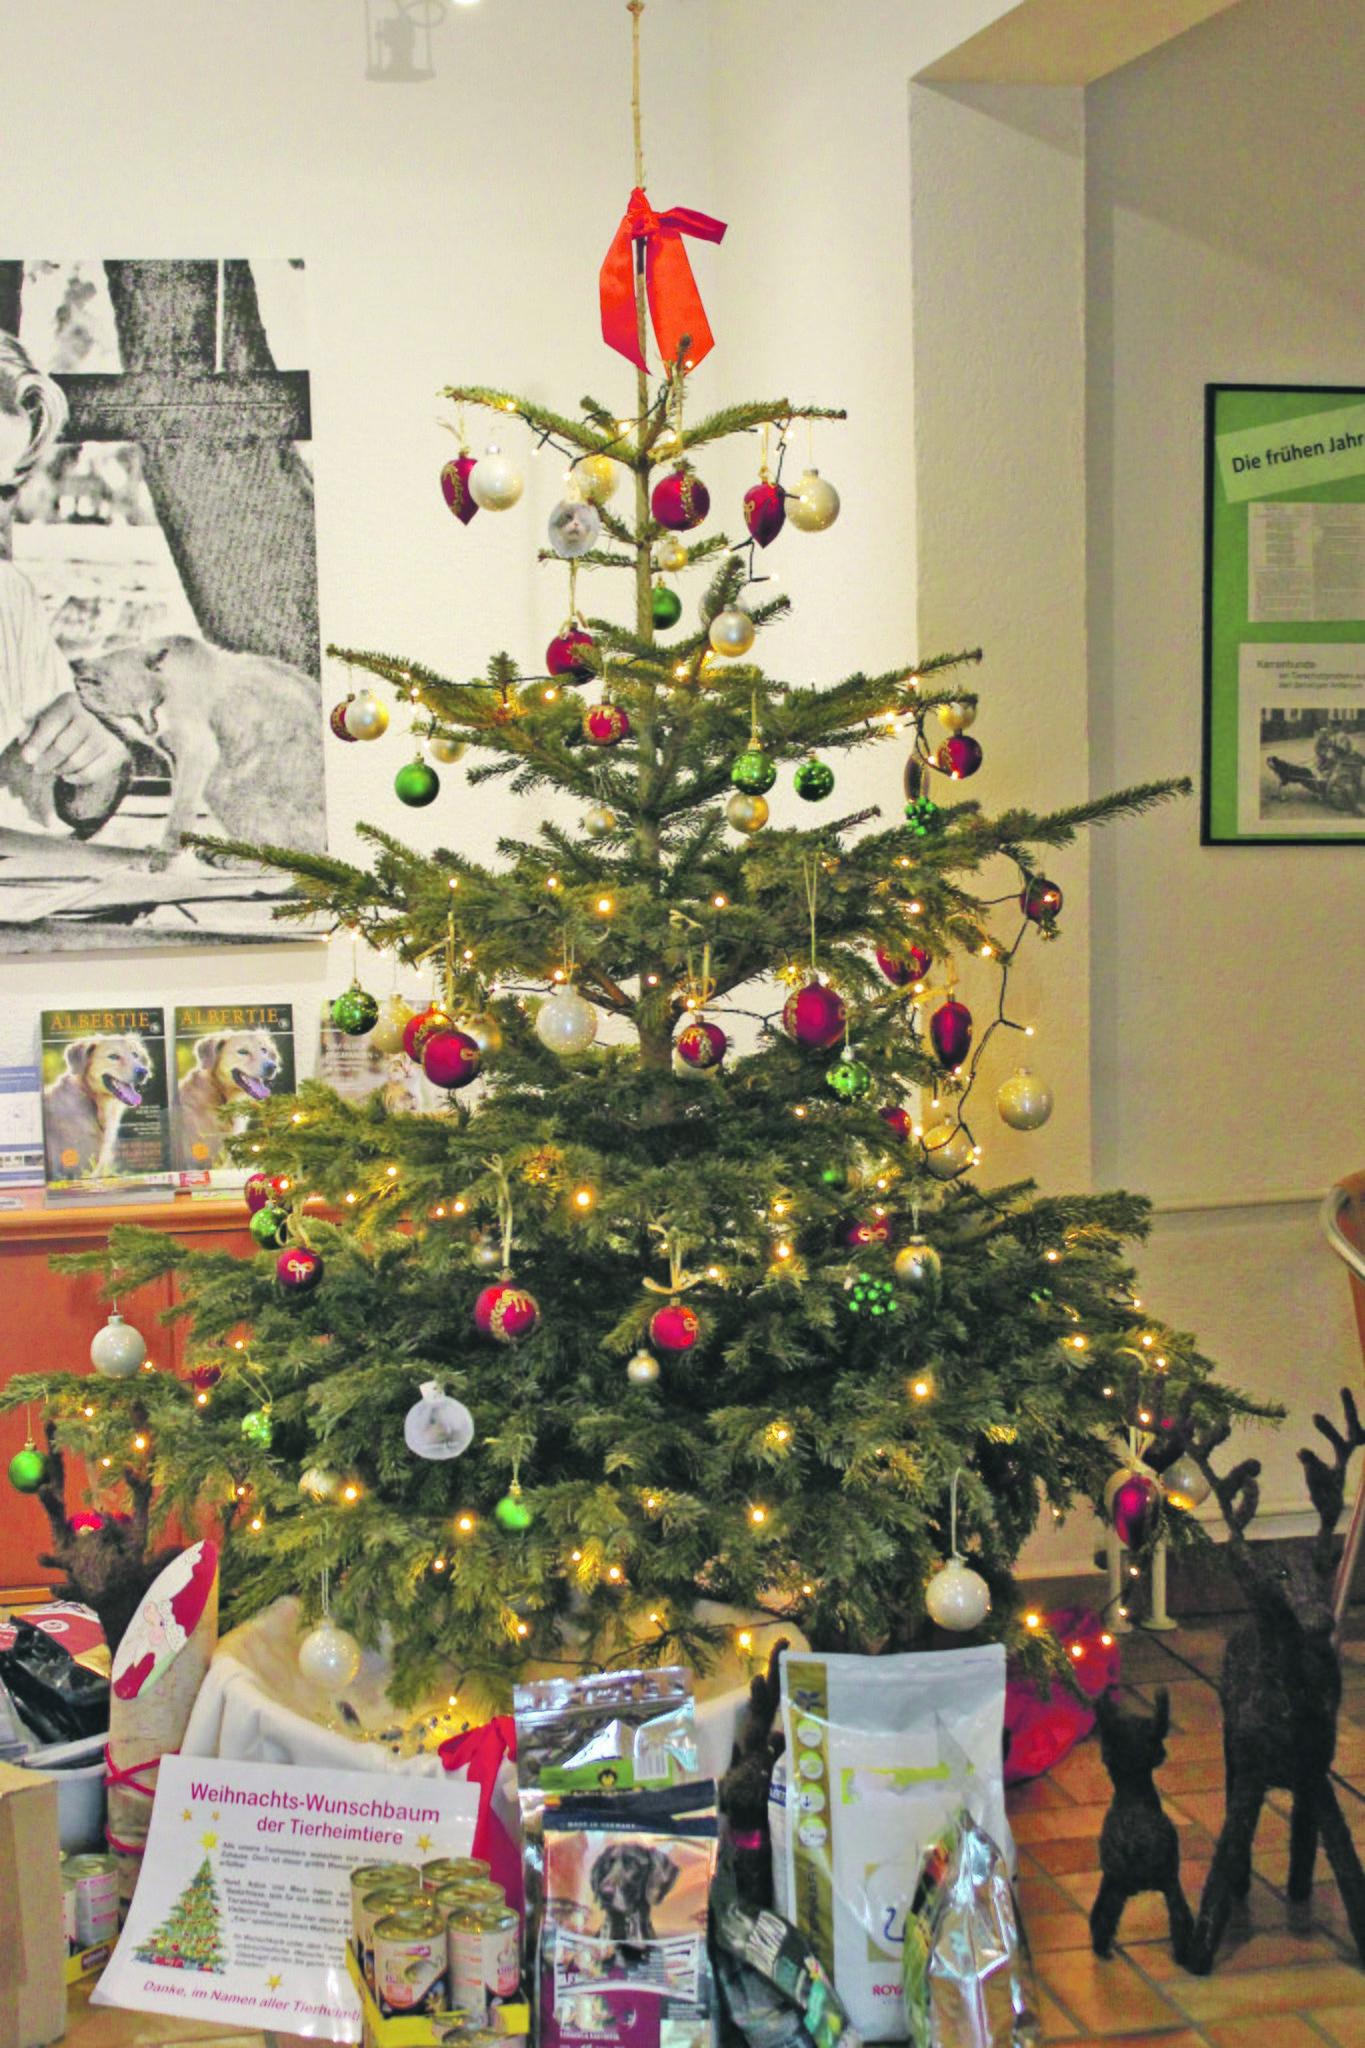 Tierheimtier-Wunschbaum wartet auf Wunsch-Erfüller! - Essen-Nord